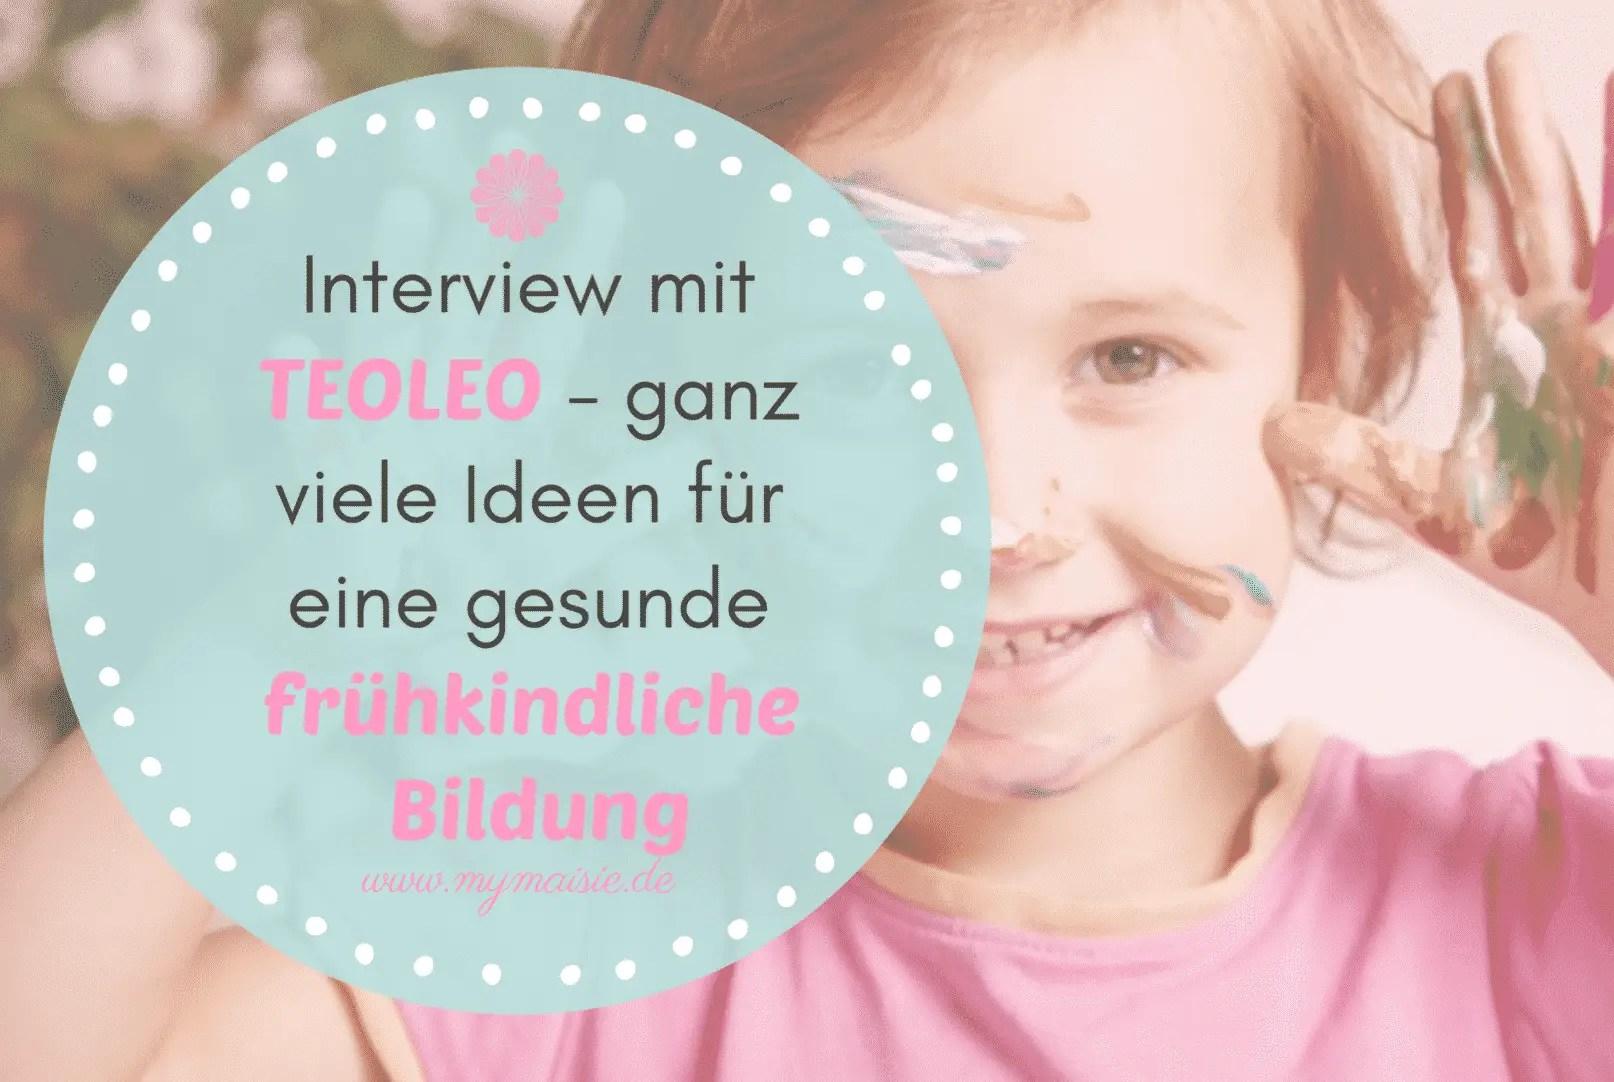 Interview mit TEOLEO - ganz viele Ideen für eine gesunde frühkindliche Bildung